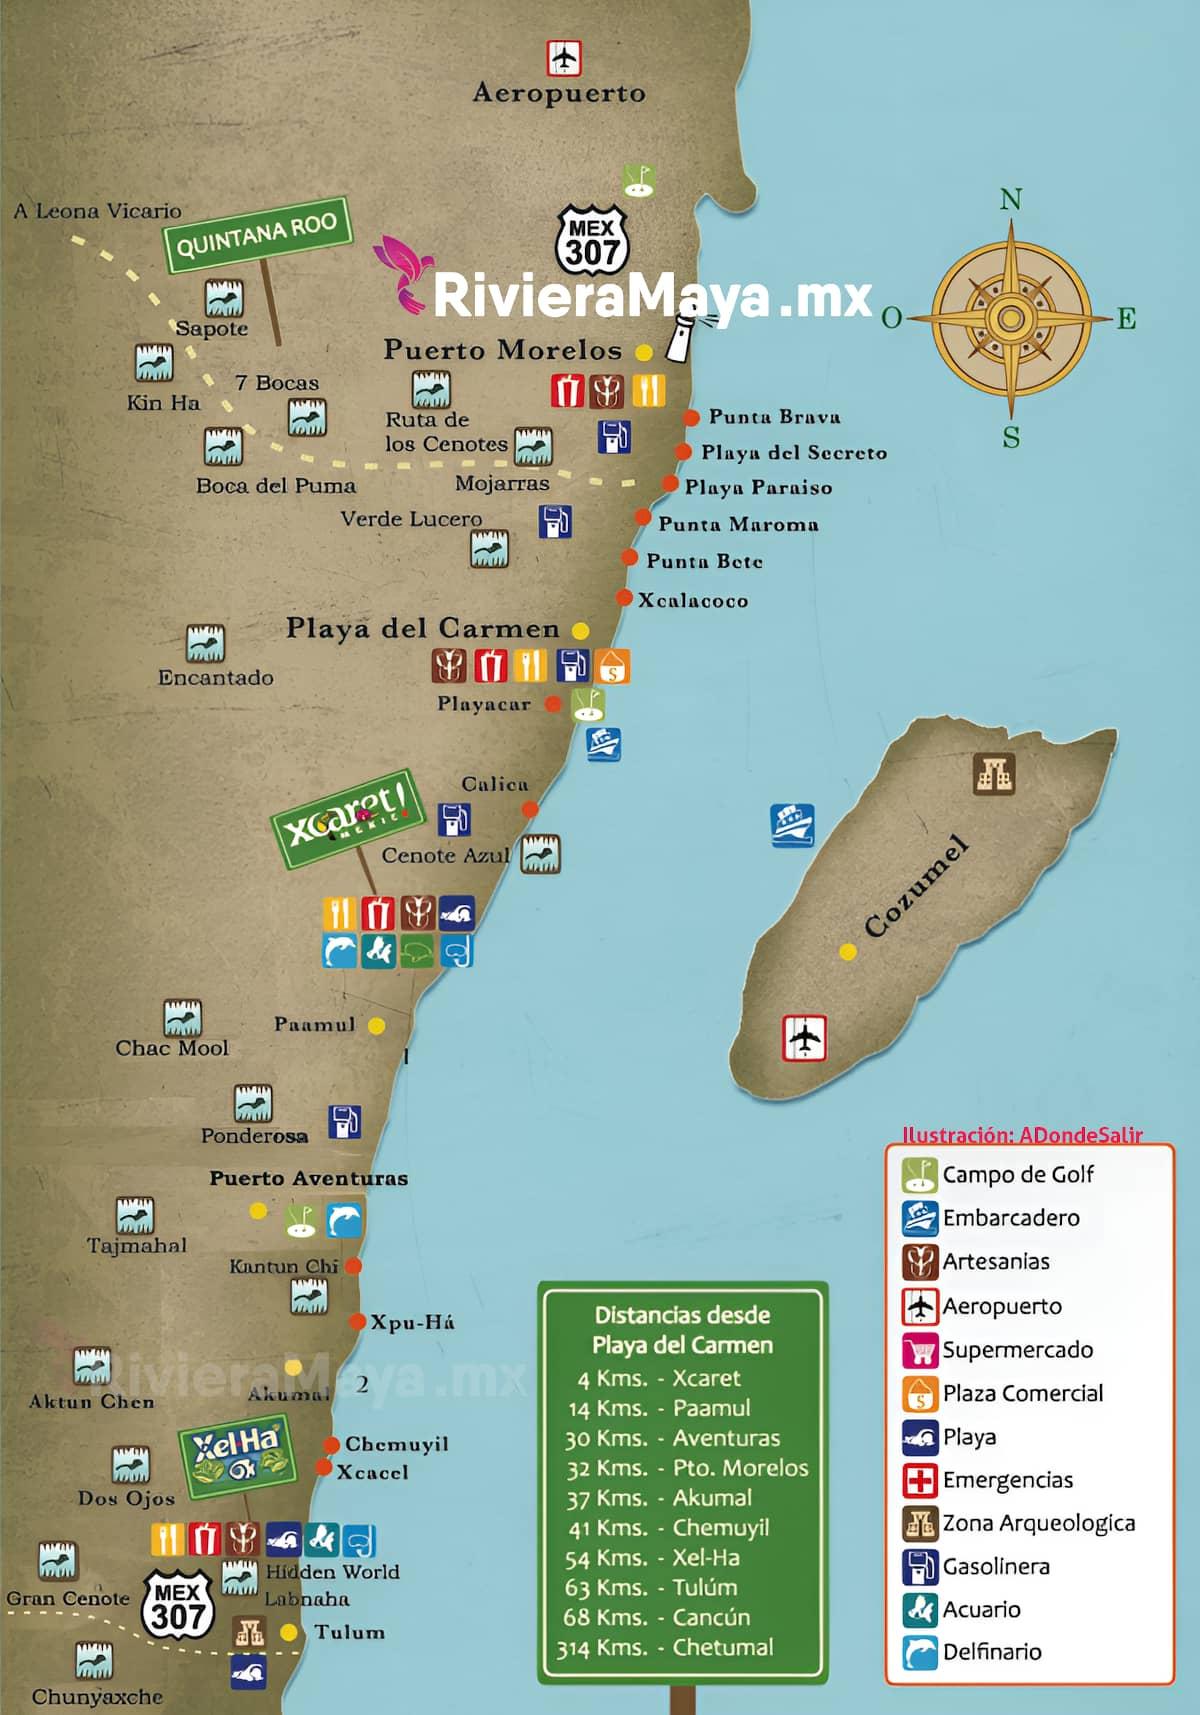 Cenotes map. Mapa de cenotes.